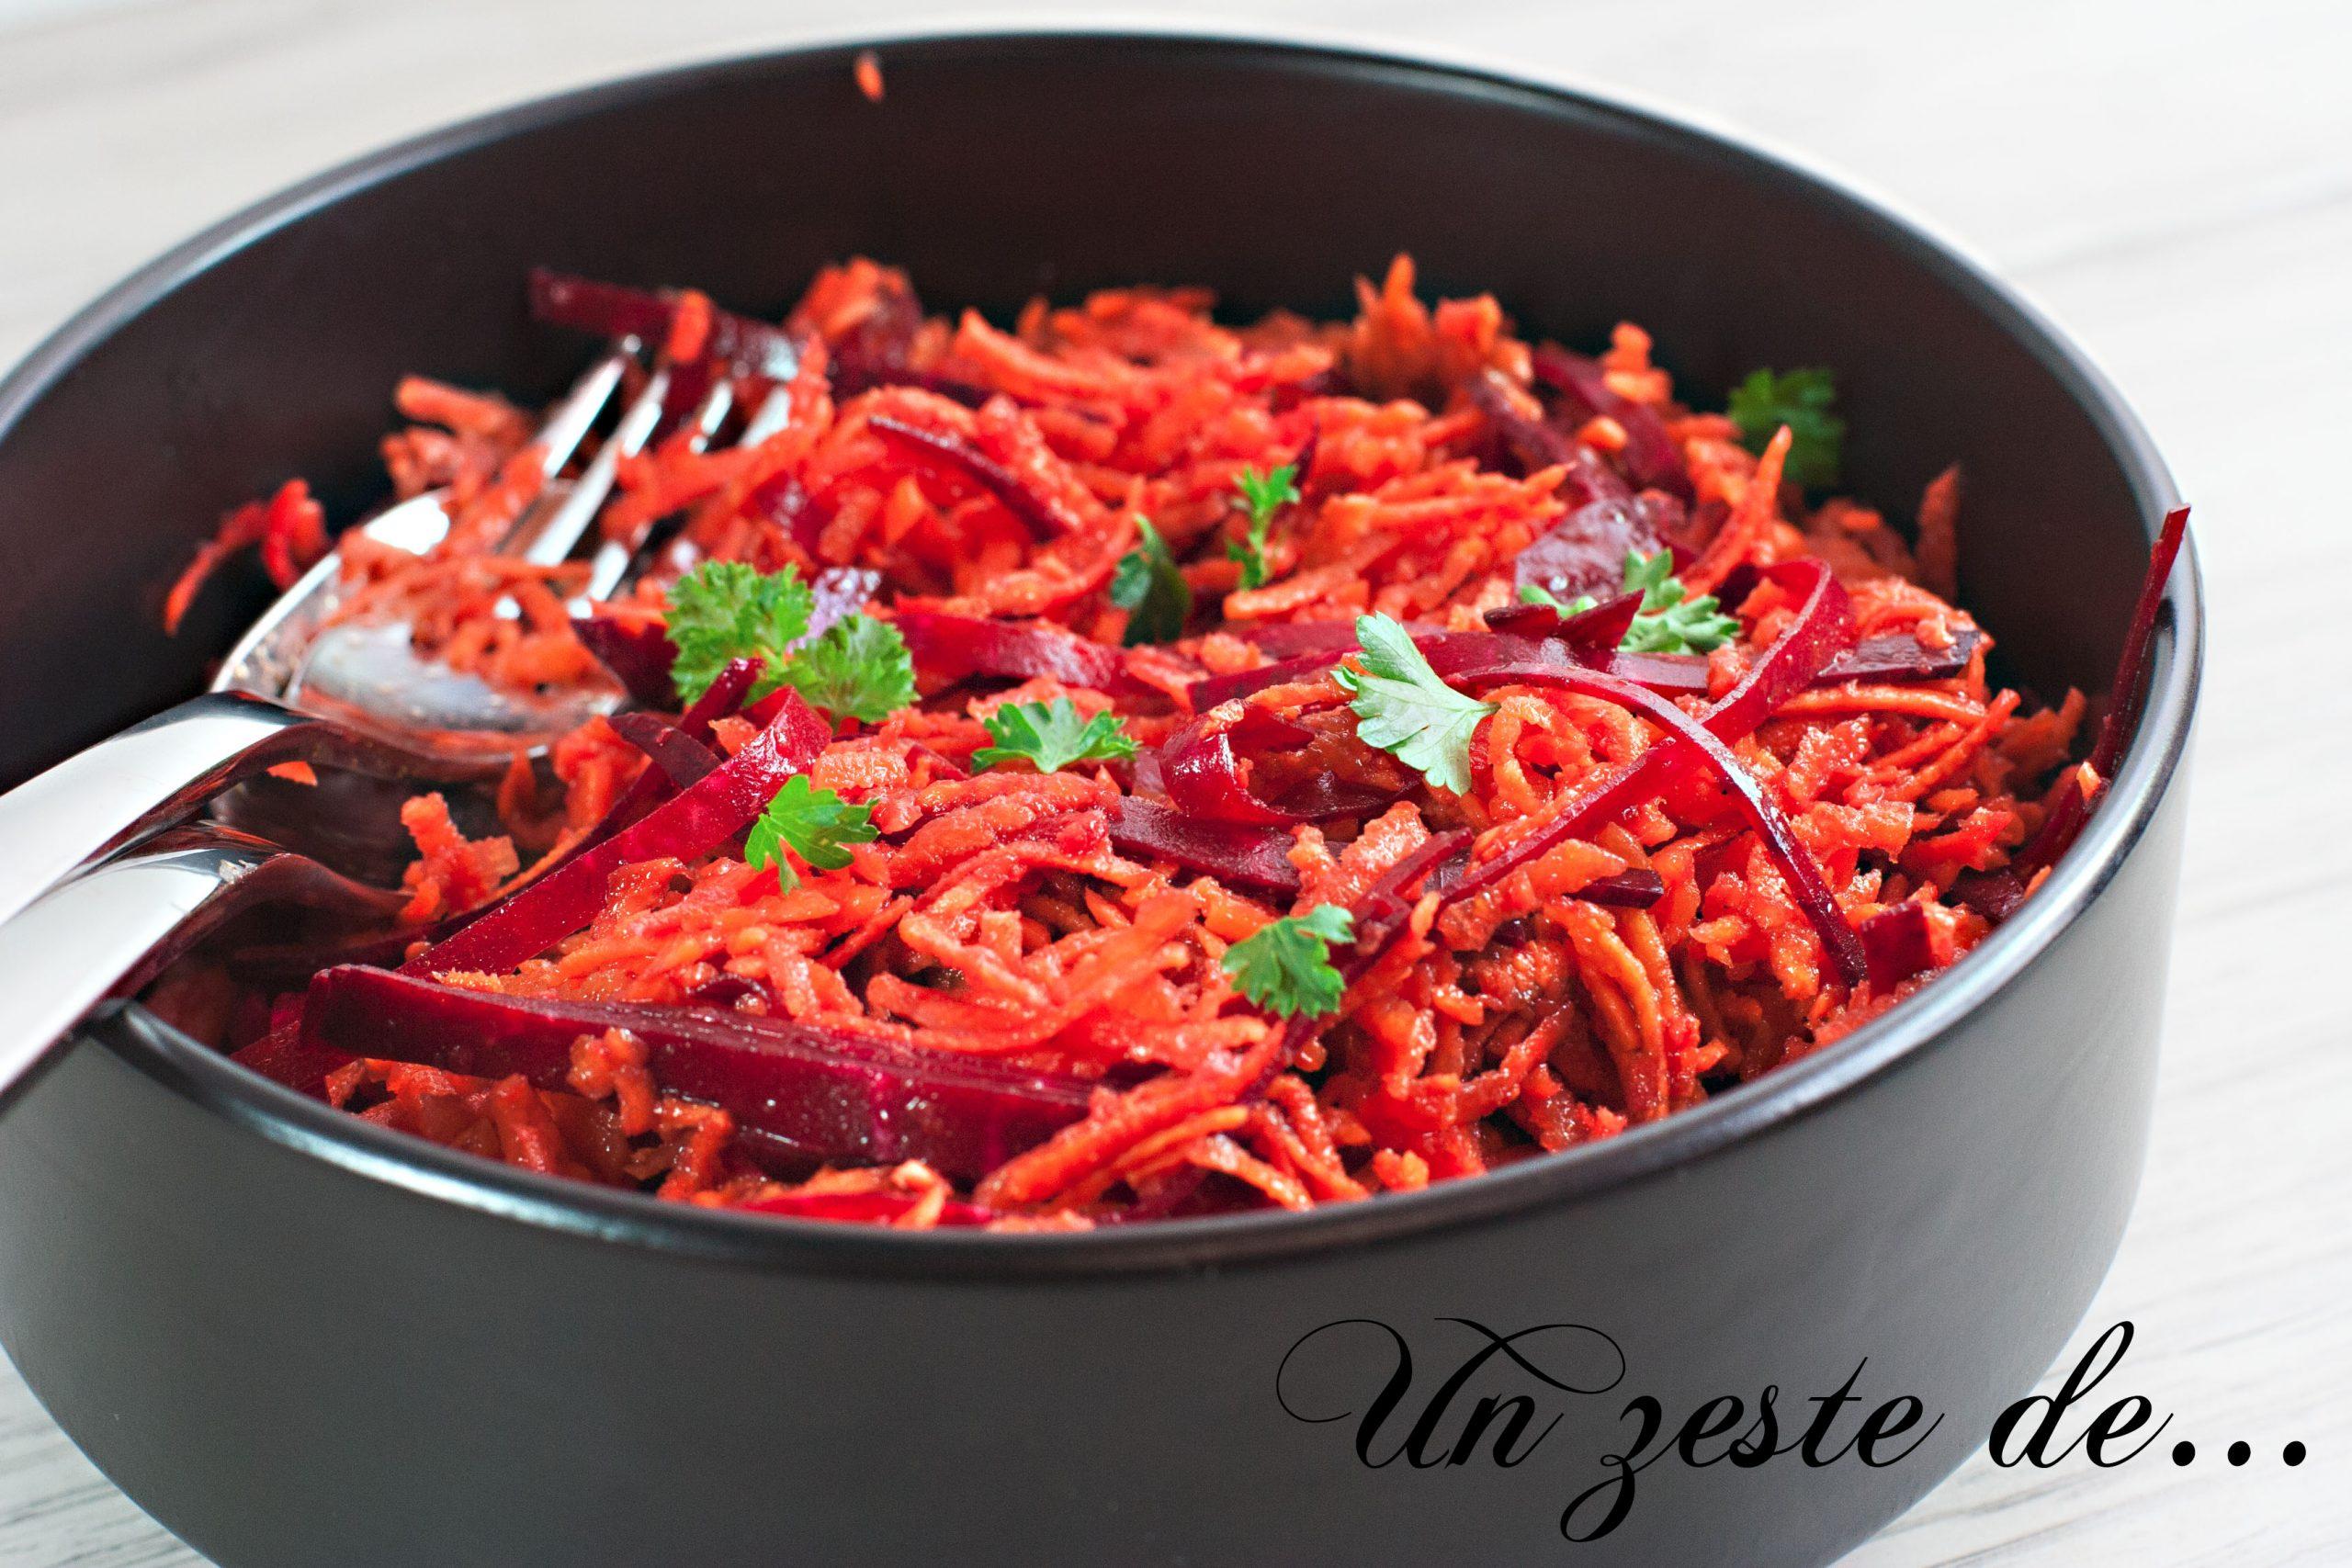 Salade betterave rouge crue et carottes